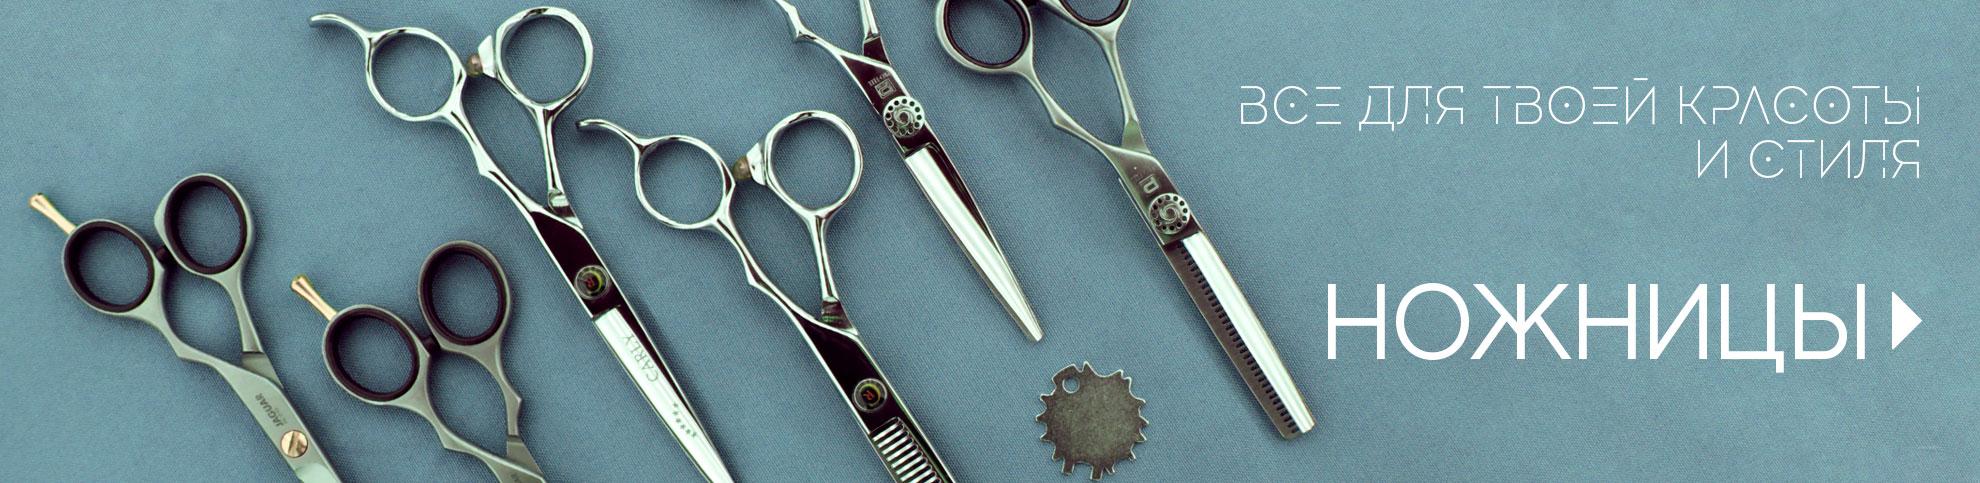 Ножницы - инструменты для парикмахера